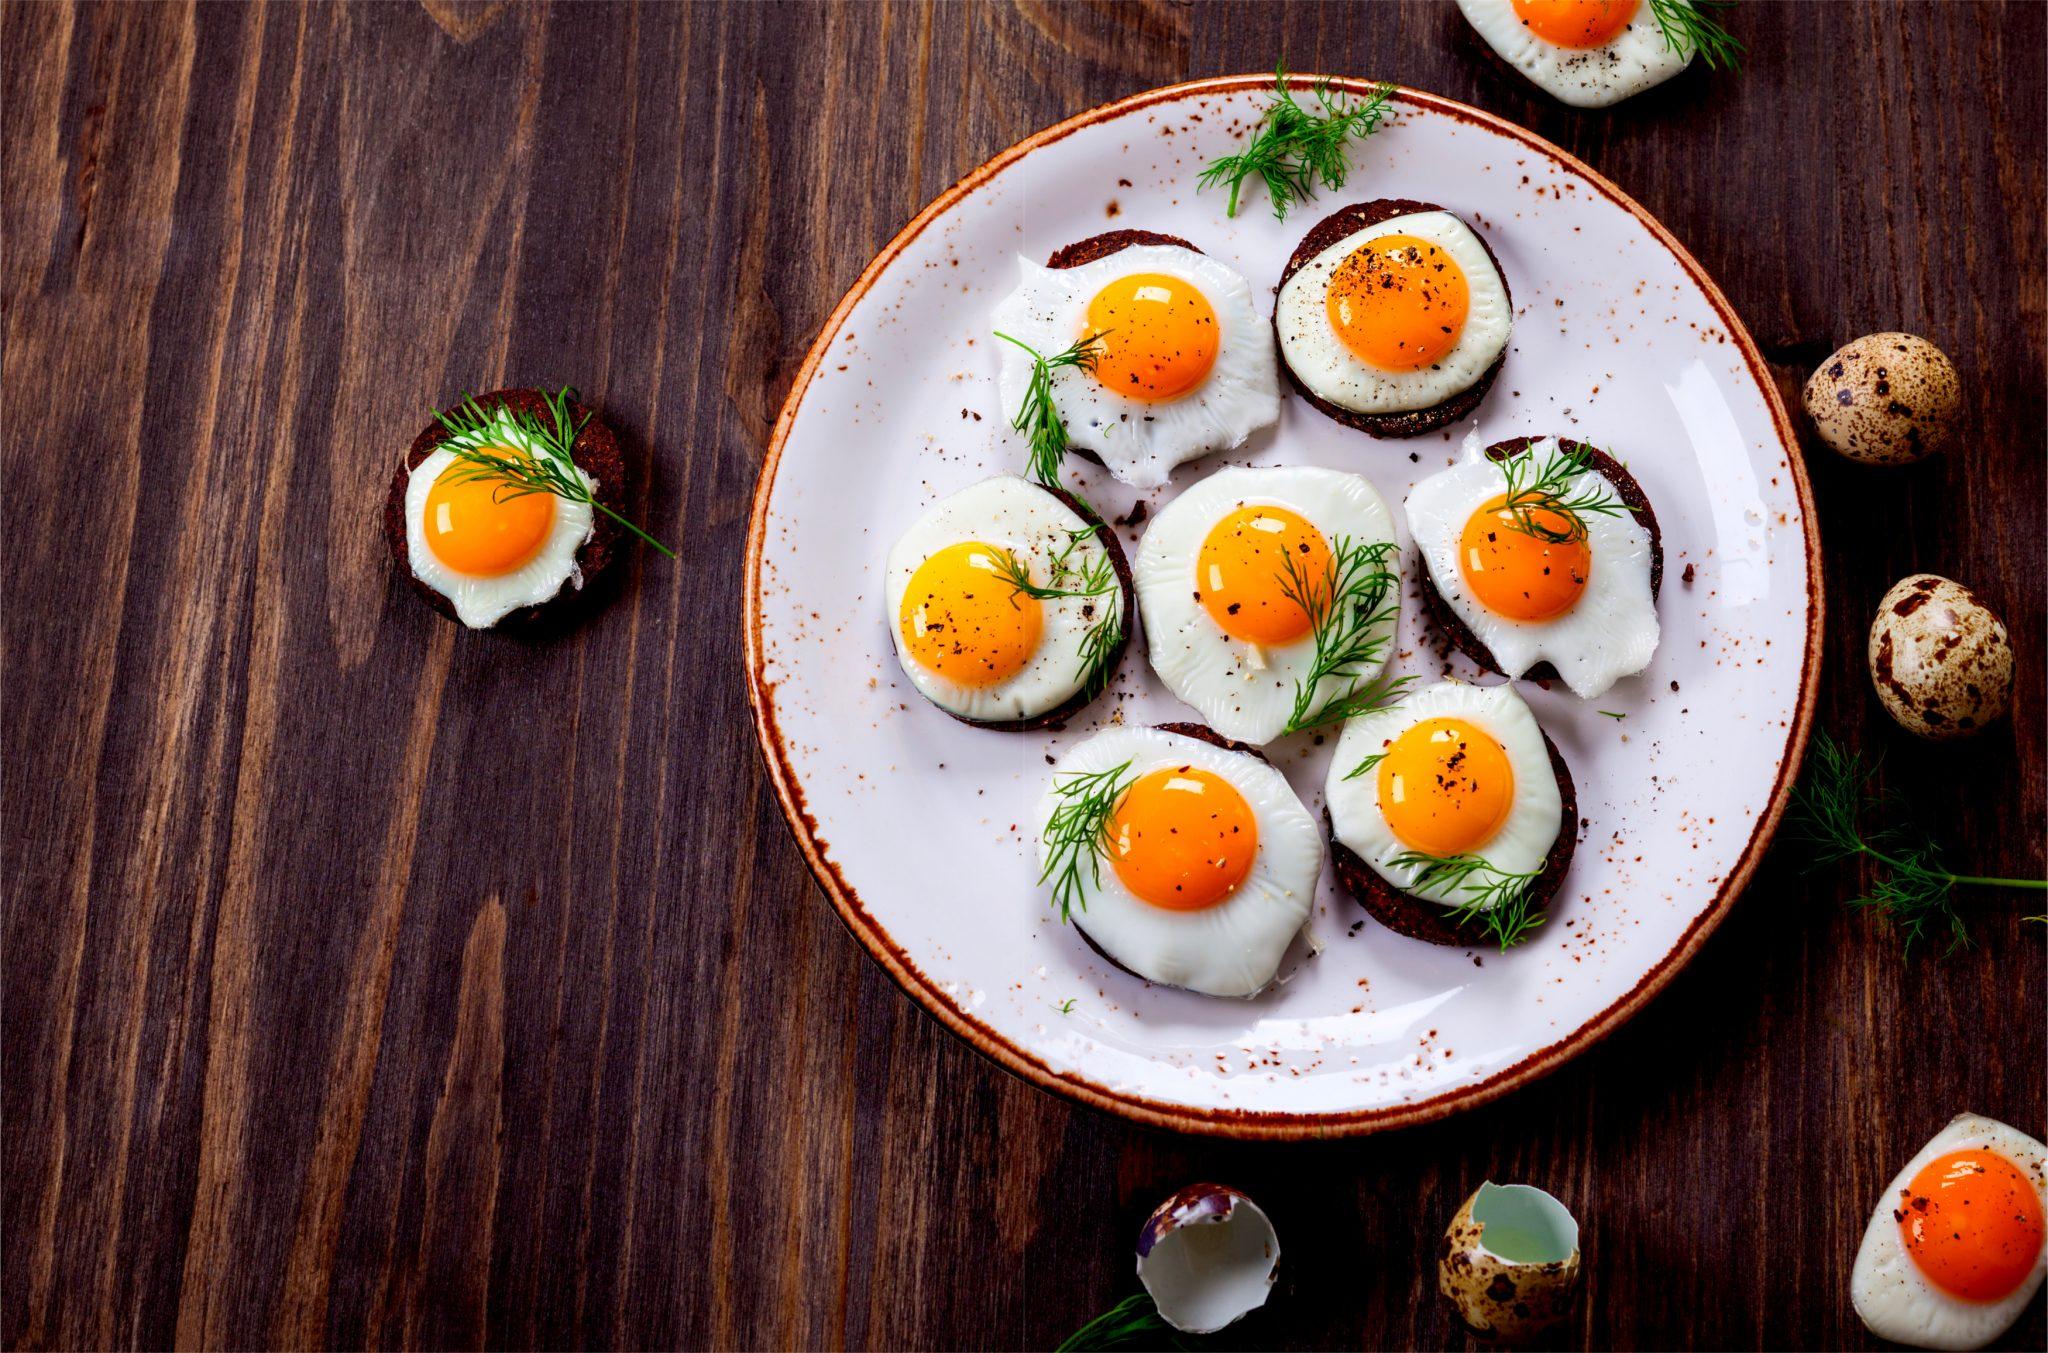 卵を沢山使用した料理